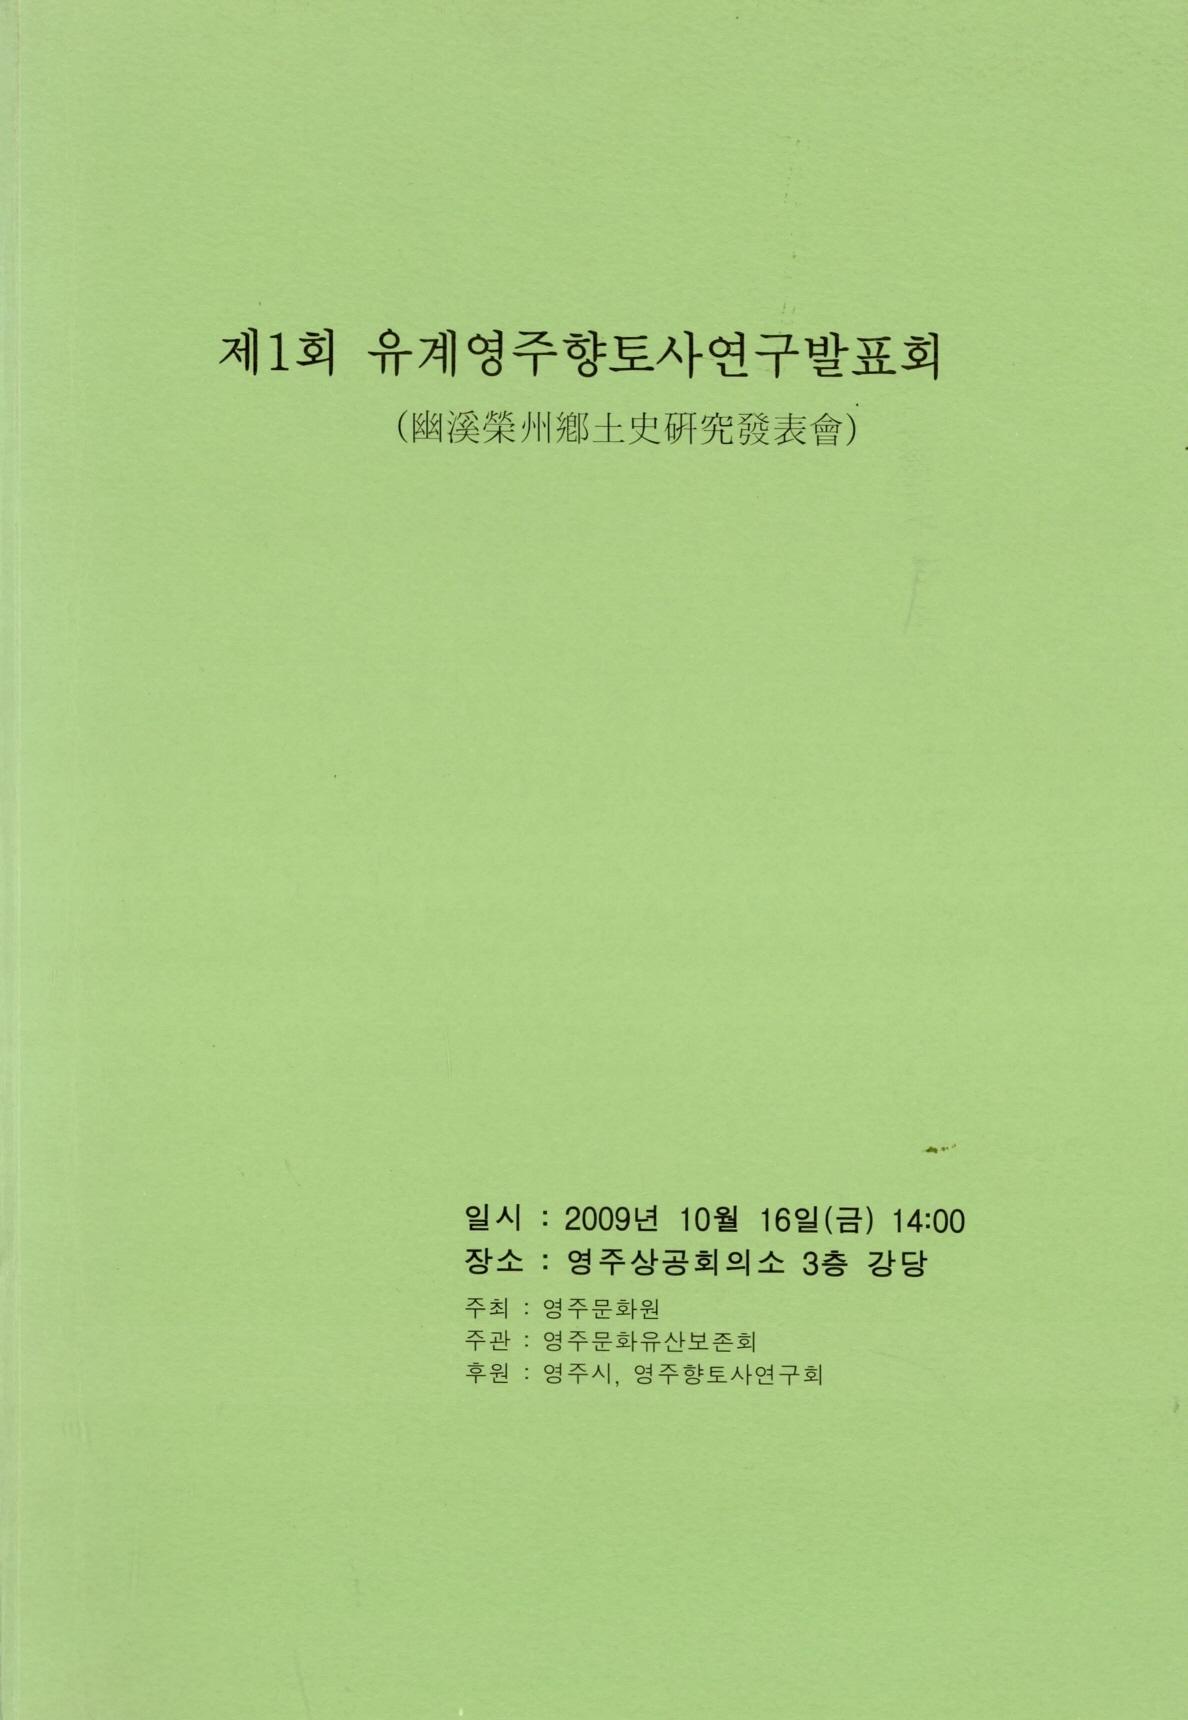 제1회 유계영주향토사연구발표회